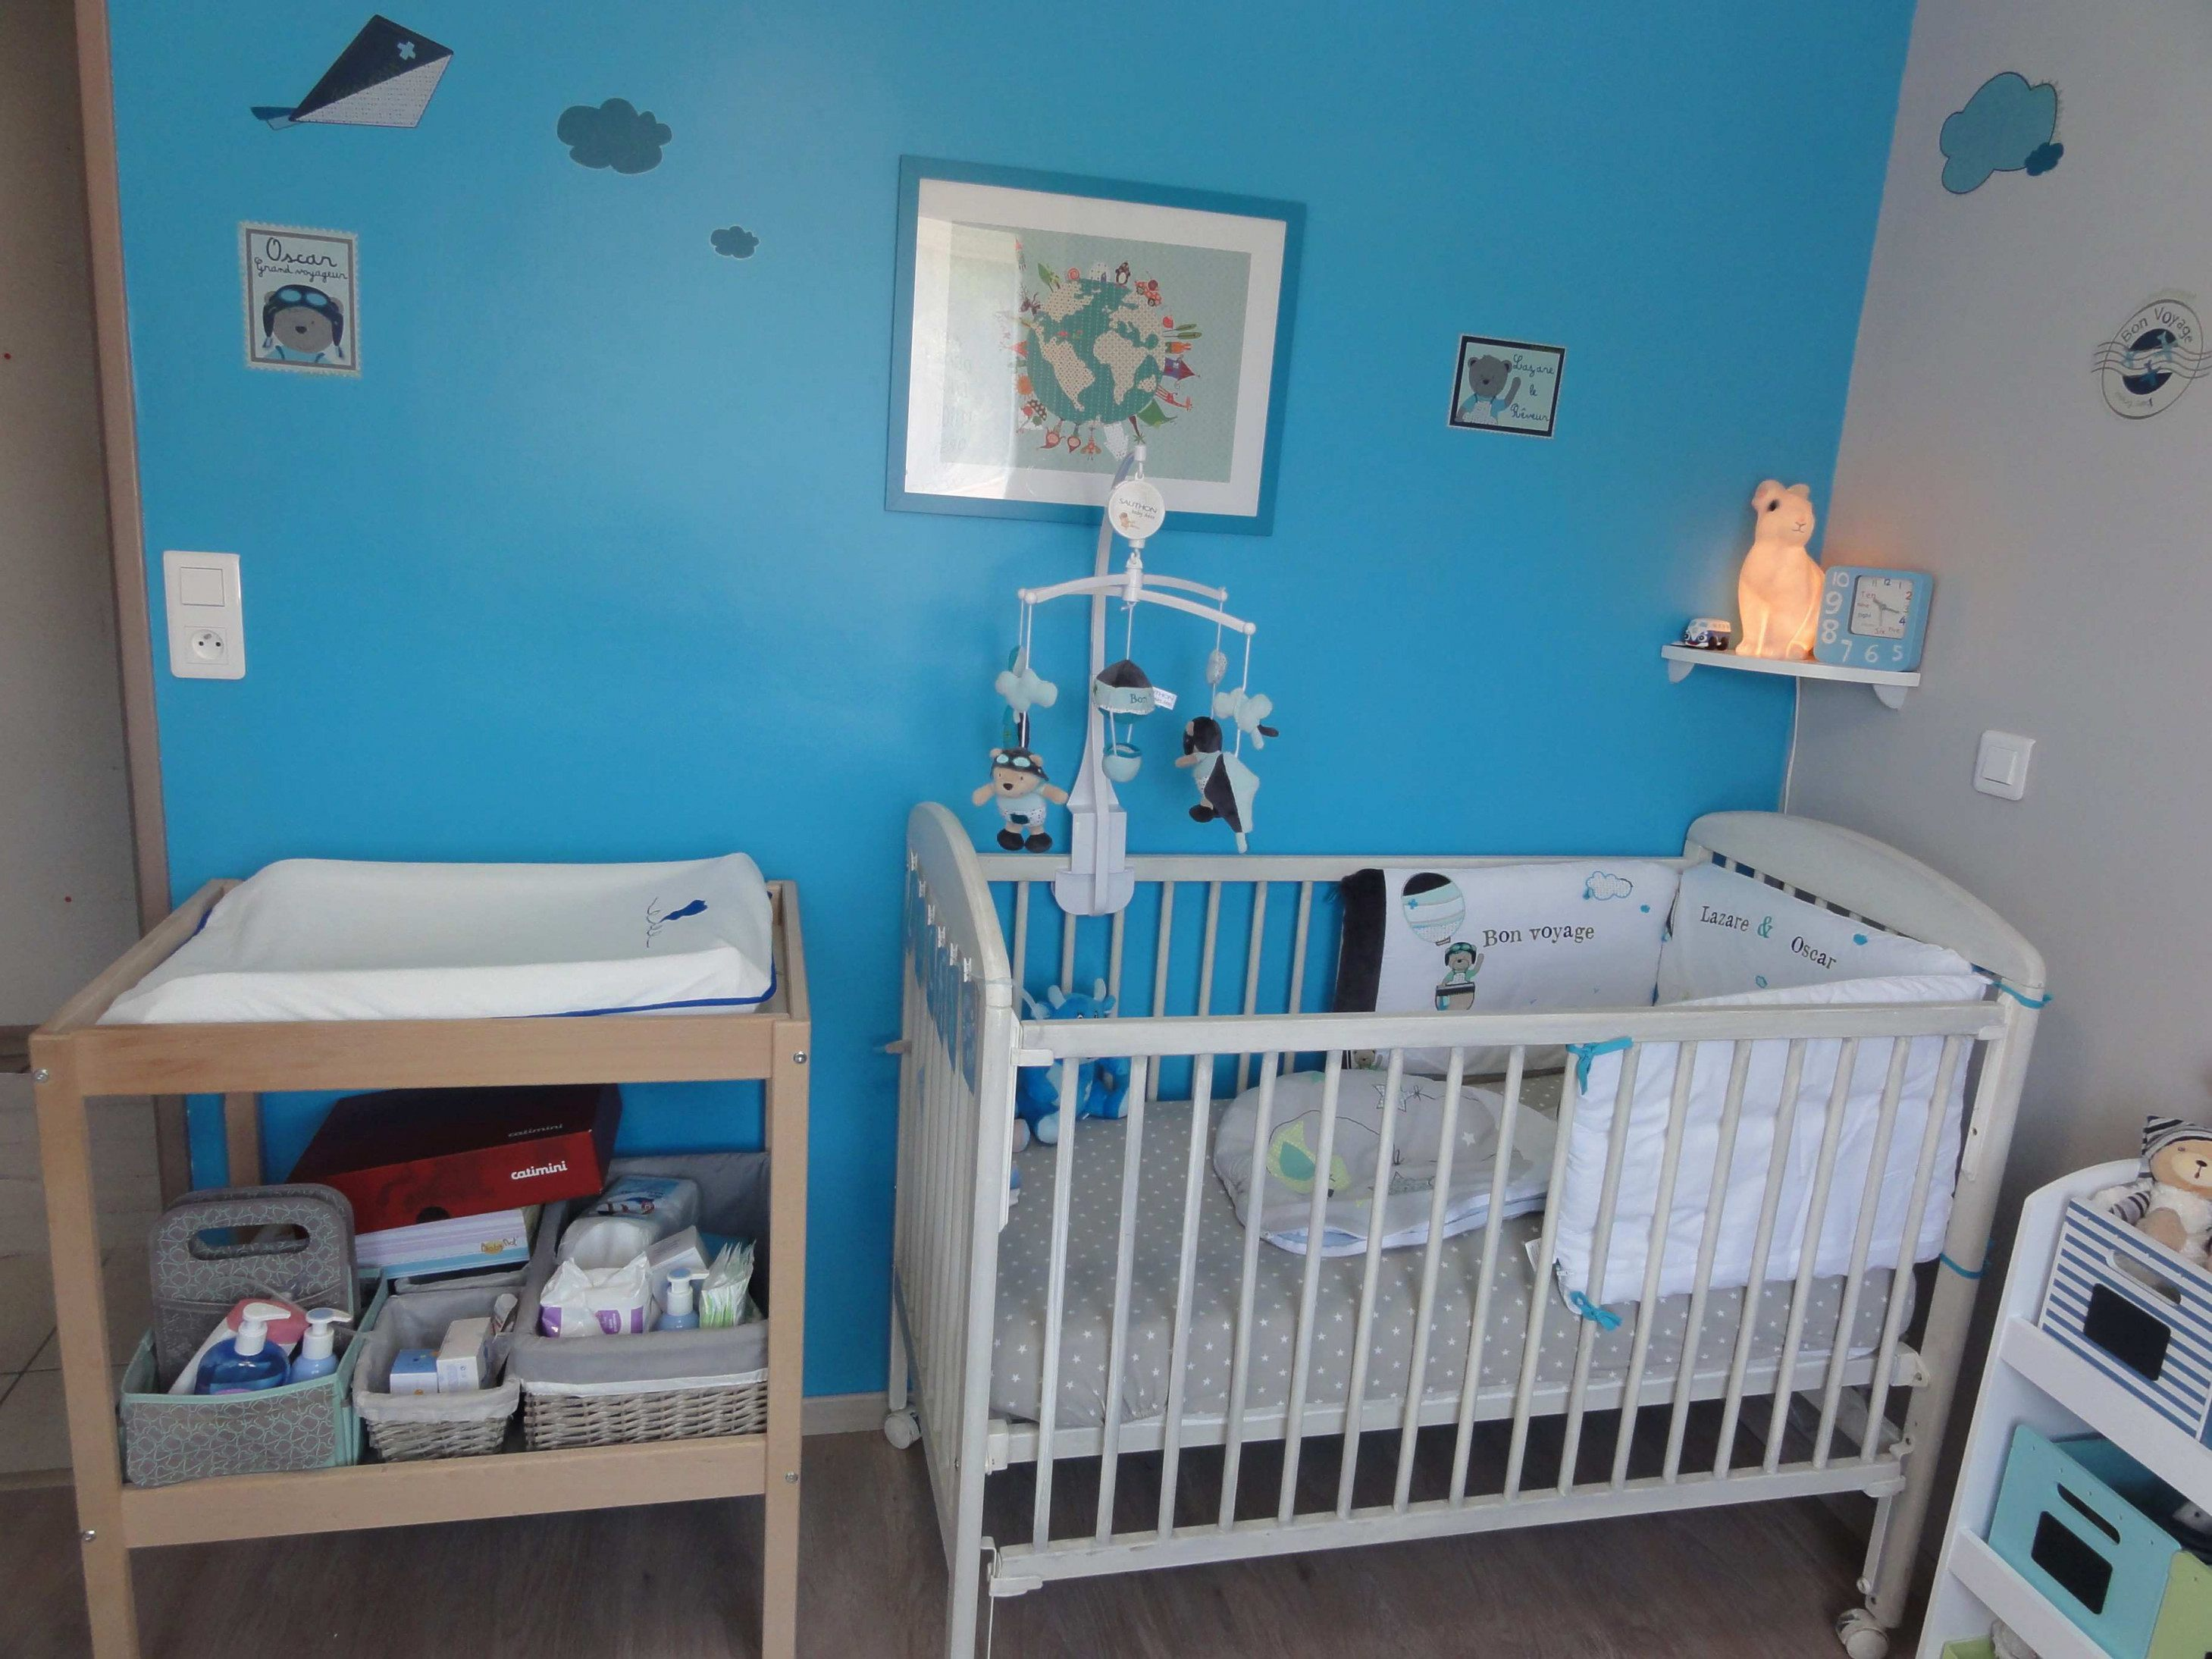 Lit Montessori Bébé 9 Mois Impressionnant 55 Chic Baignoire Bébé 6 Mois